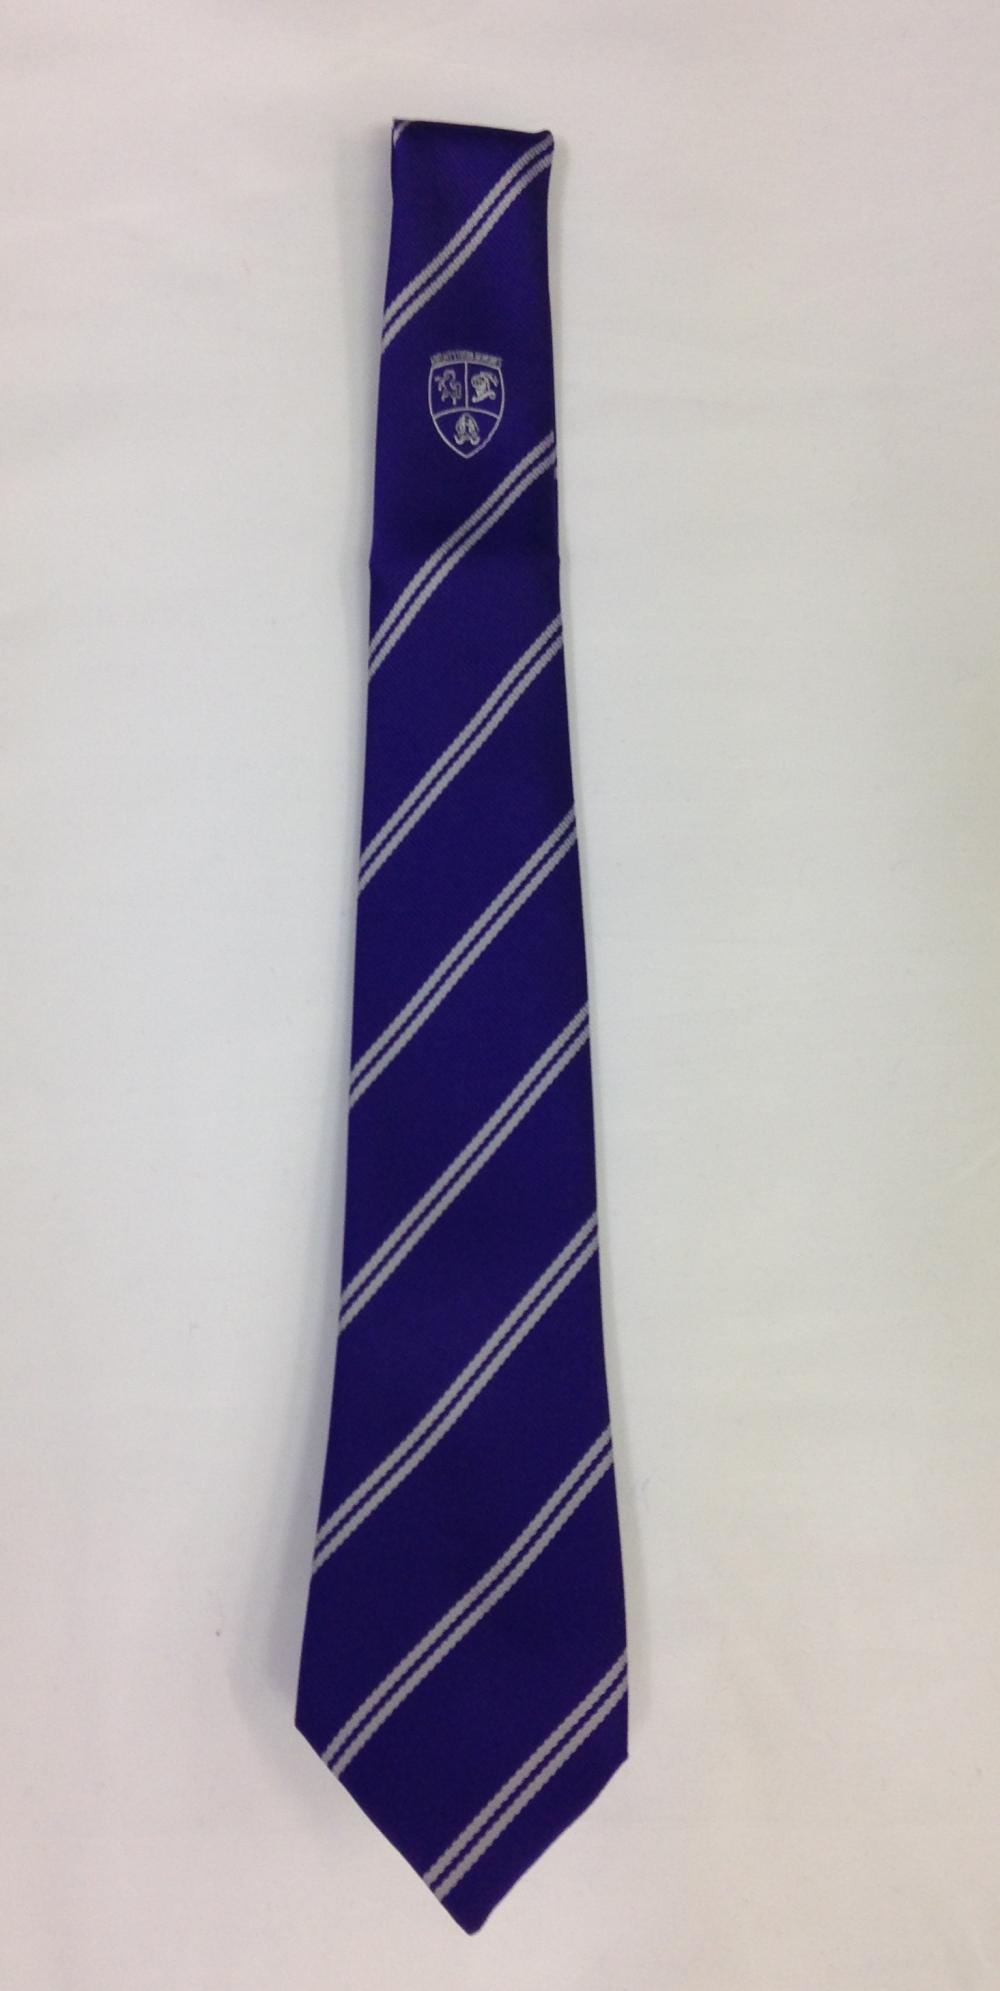 CSGS School Tie